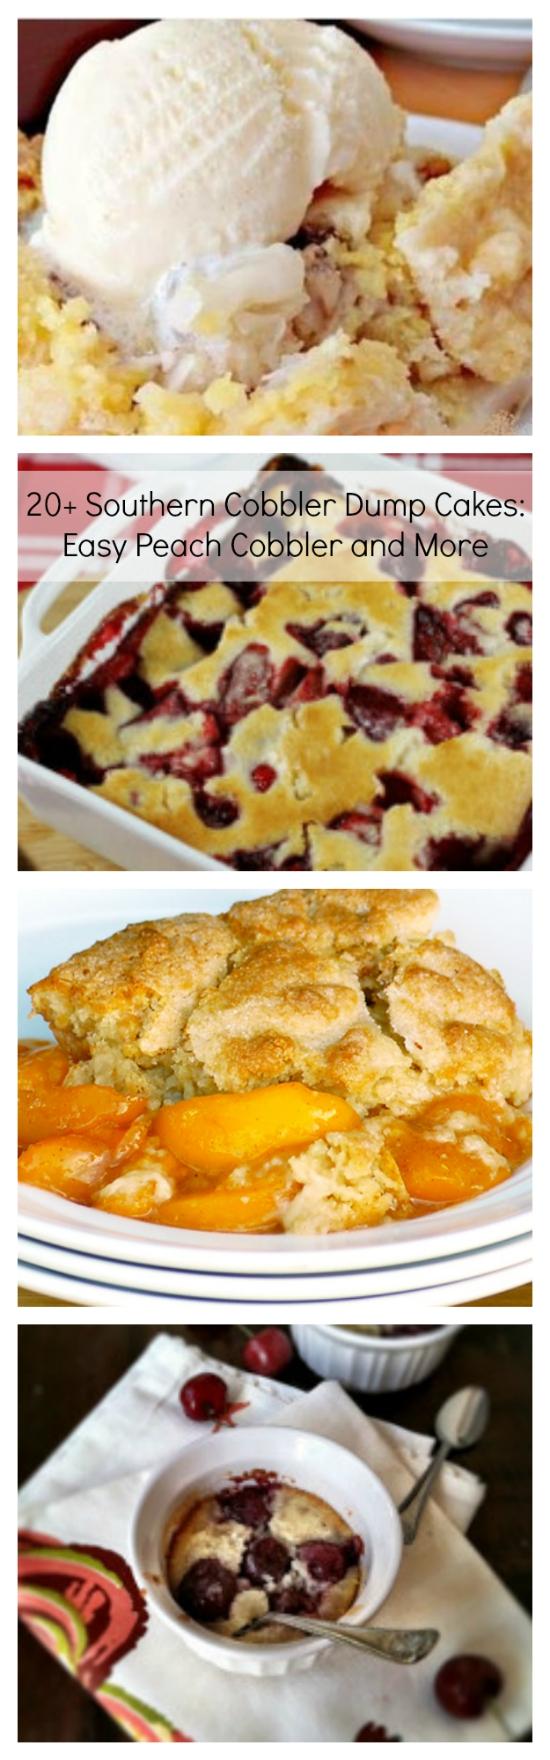 Southern-Cobbler-Dump-Cakes